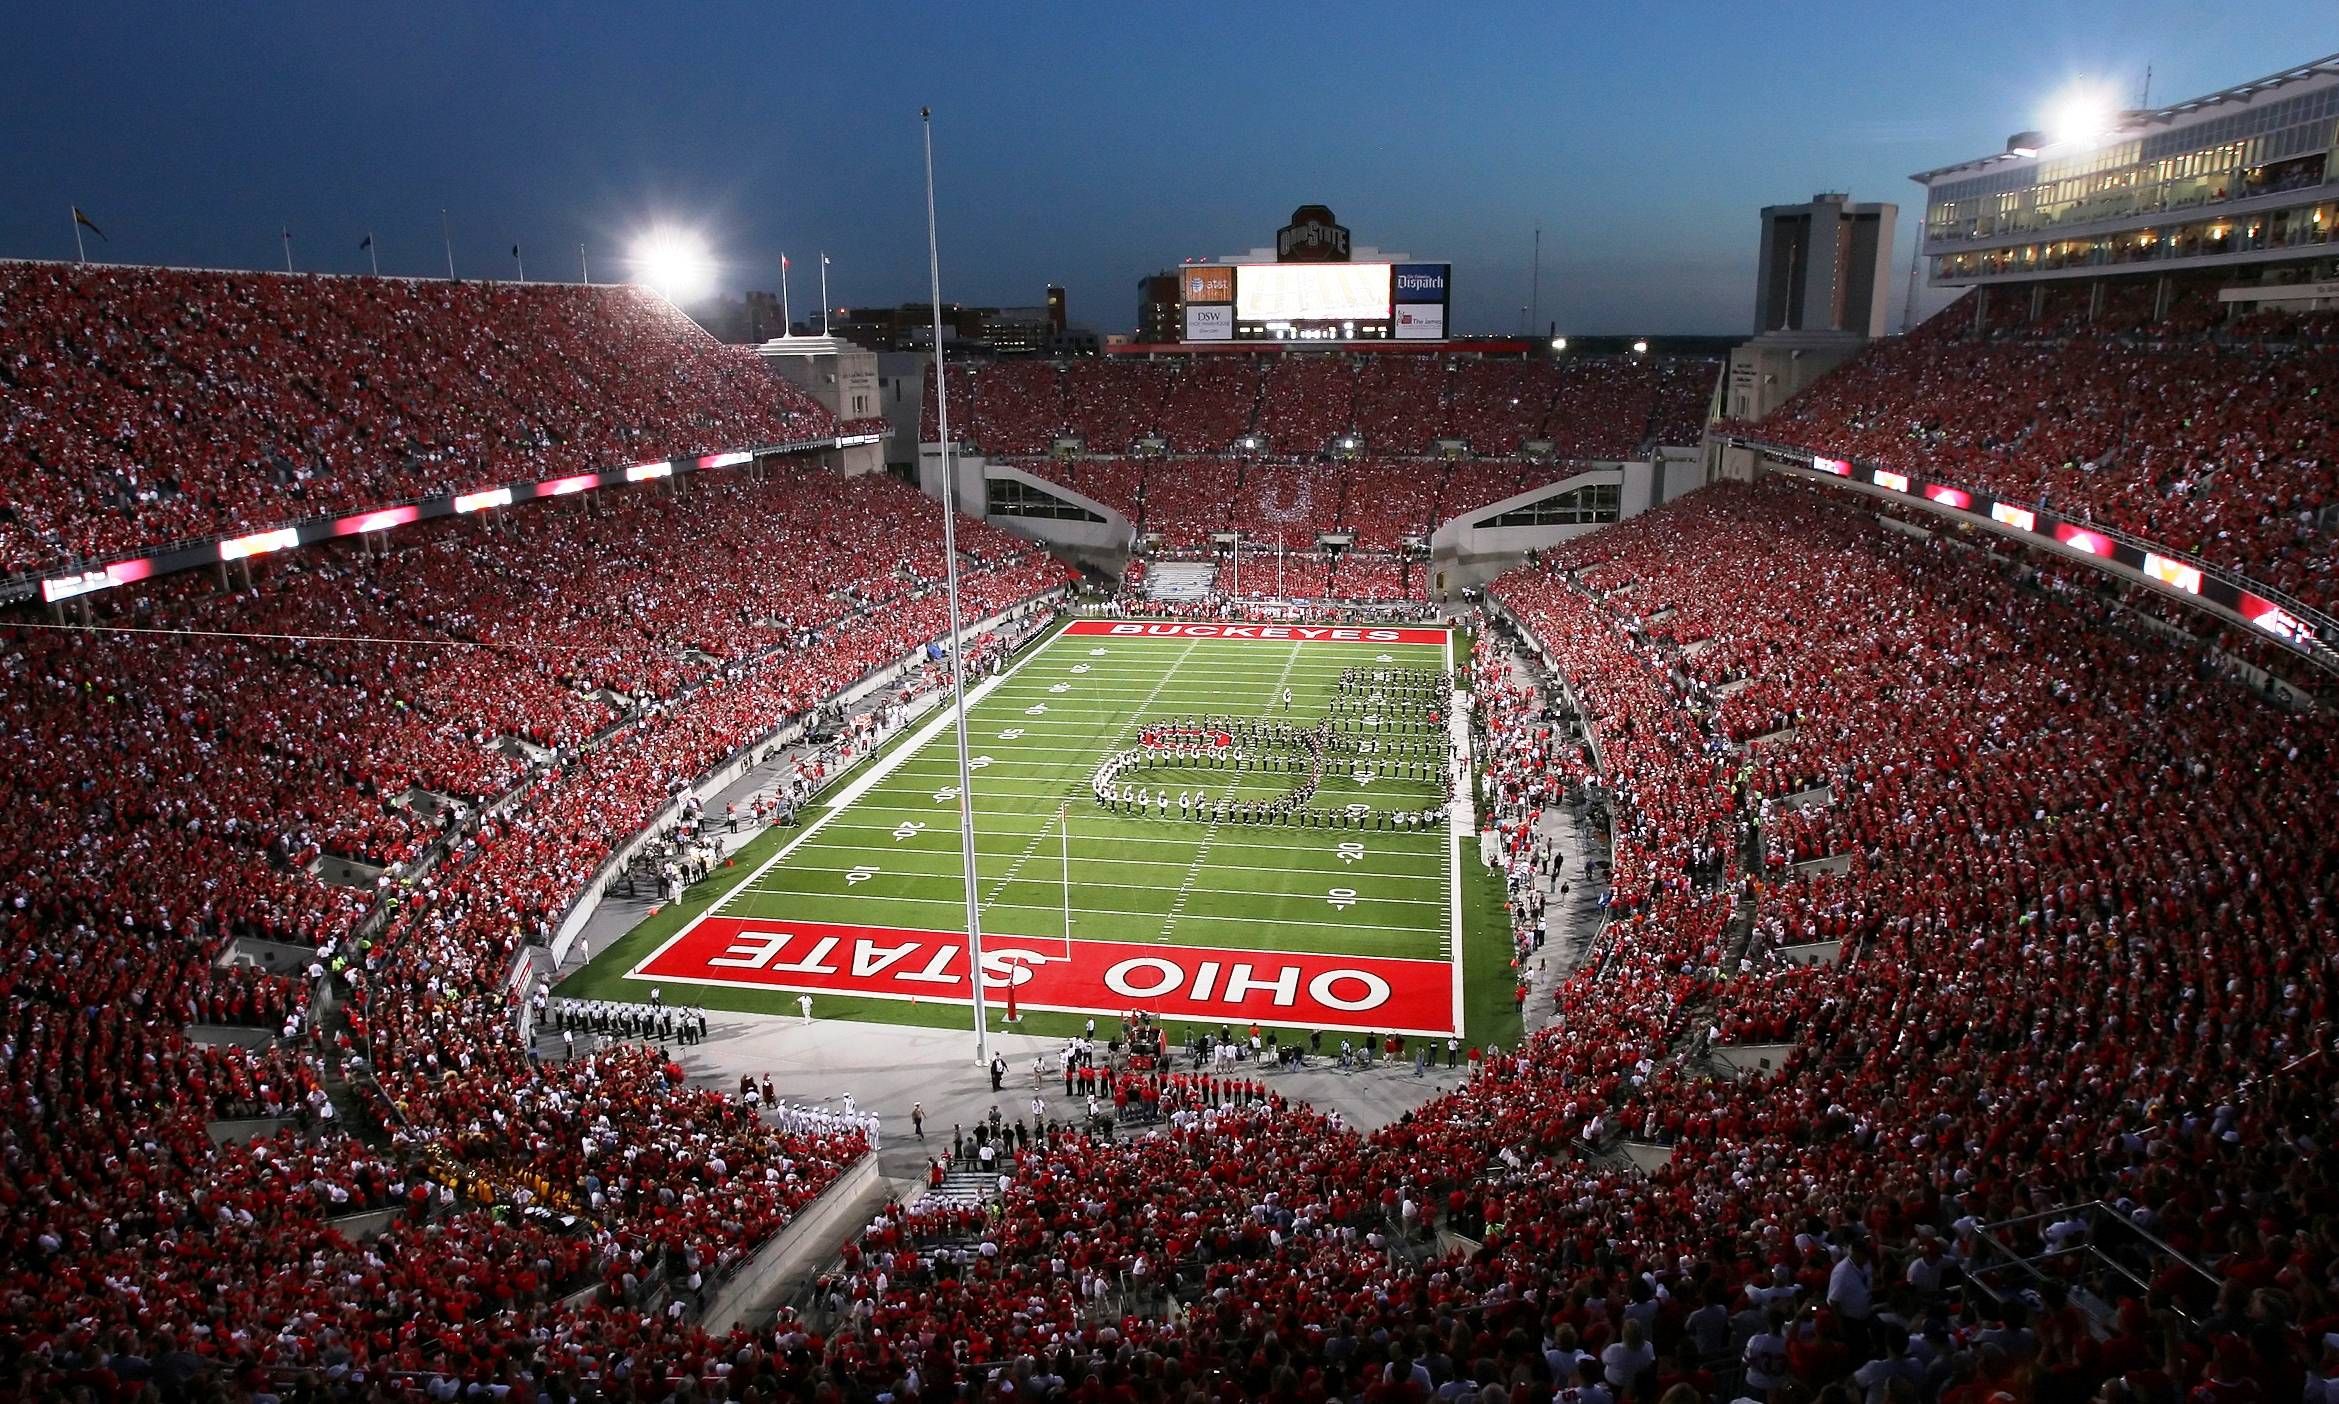 Ohio State University Ohio Stadium